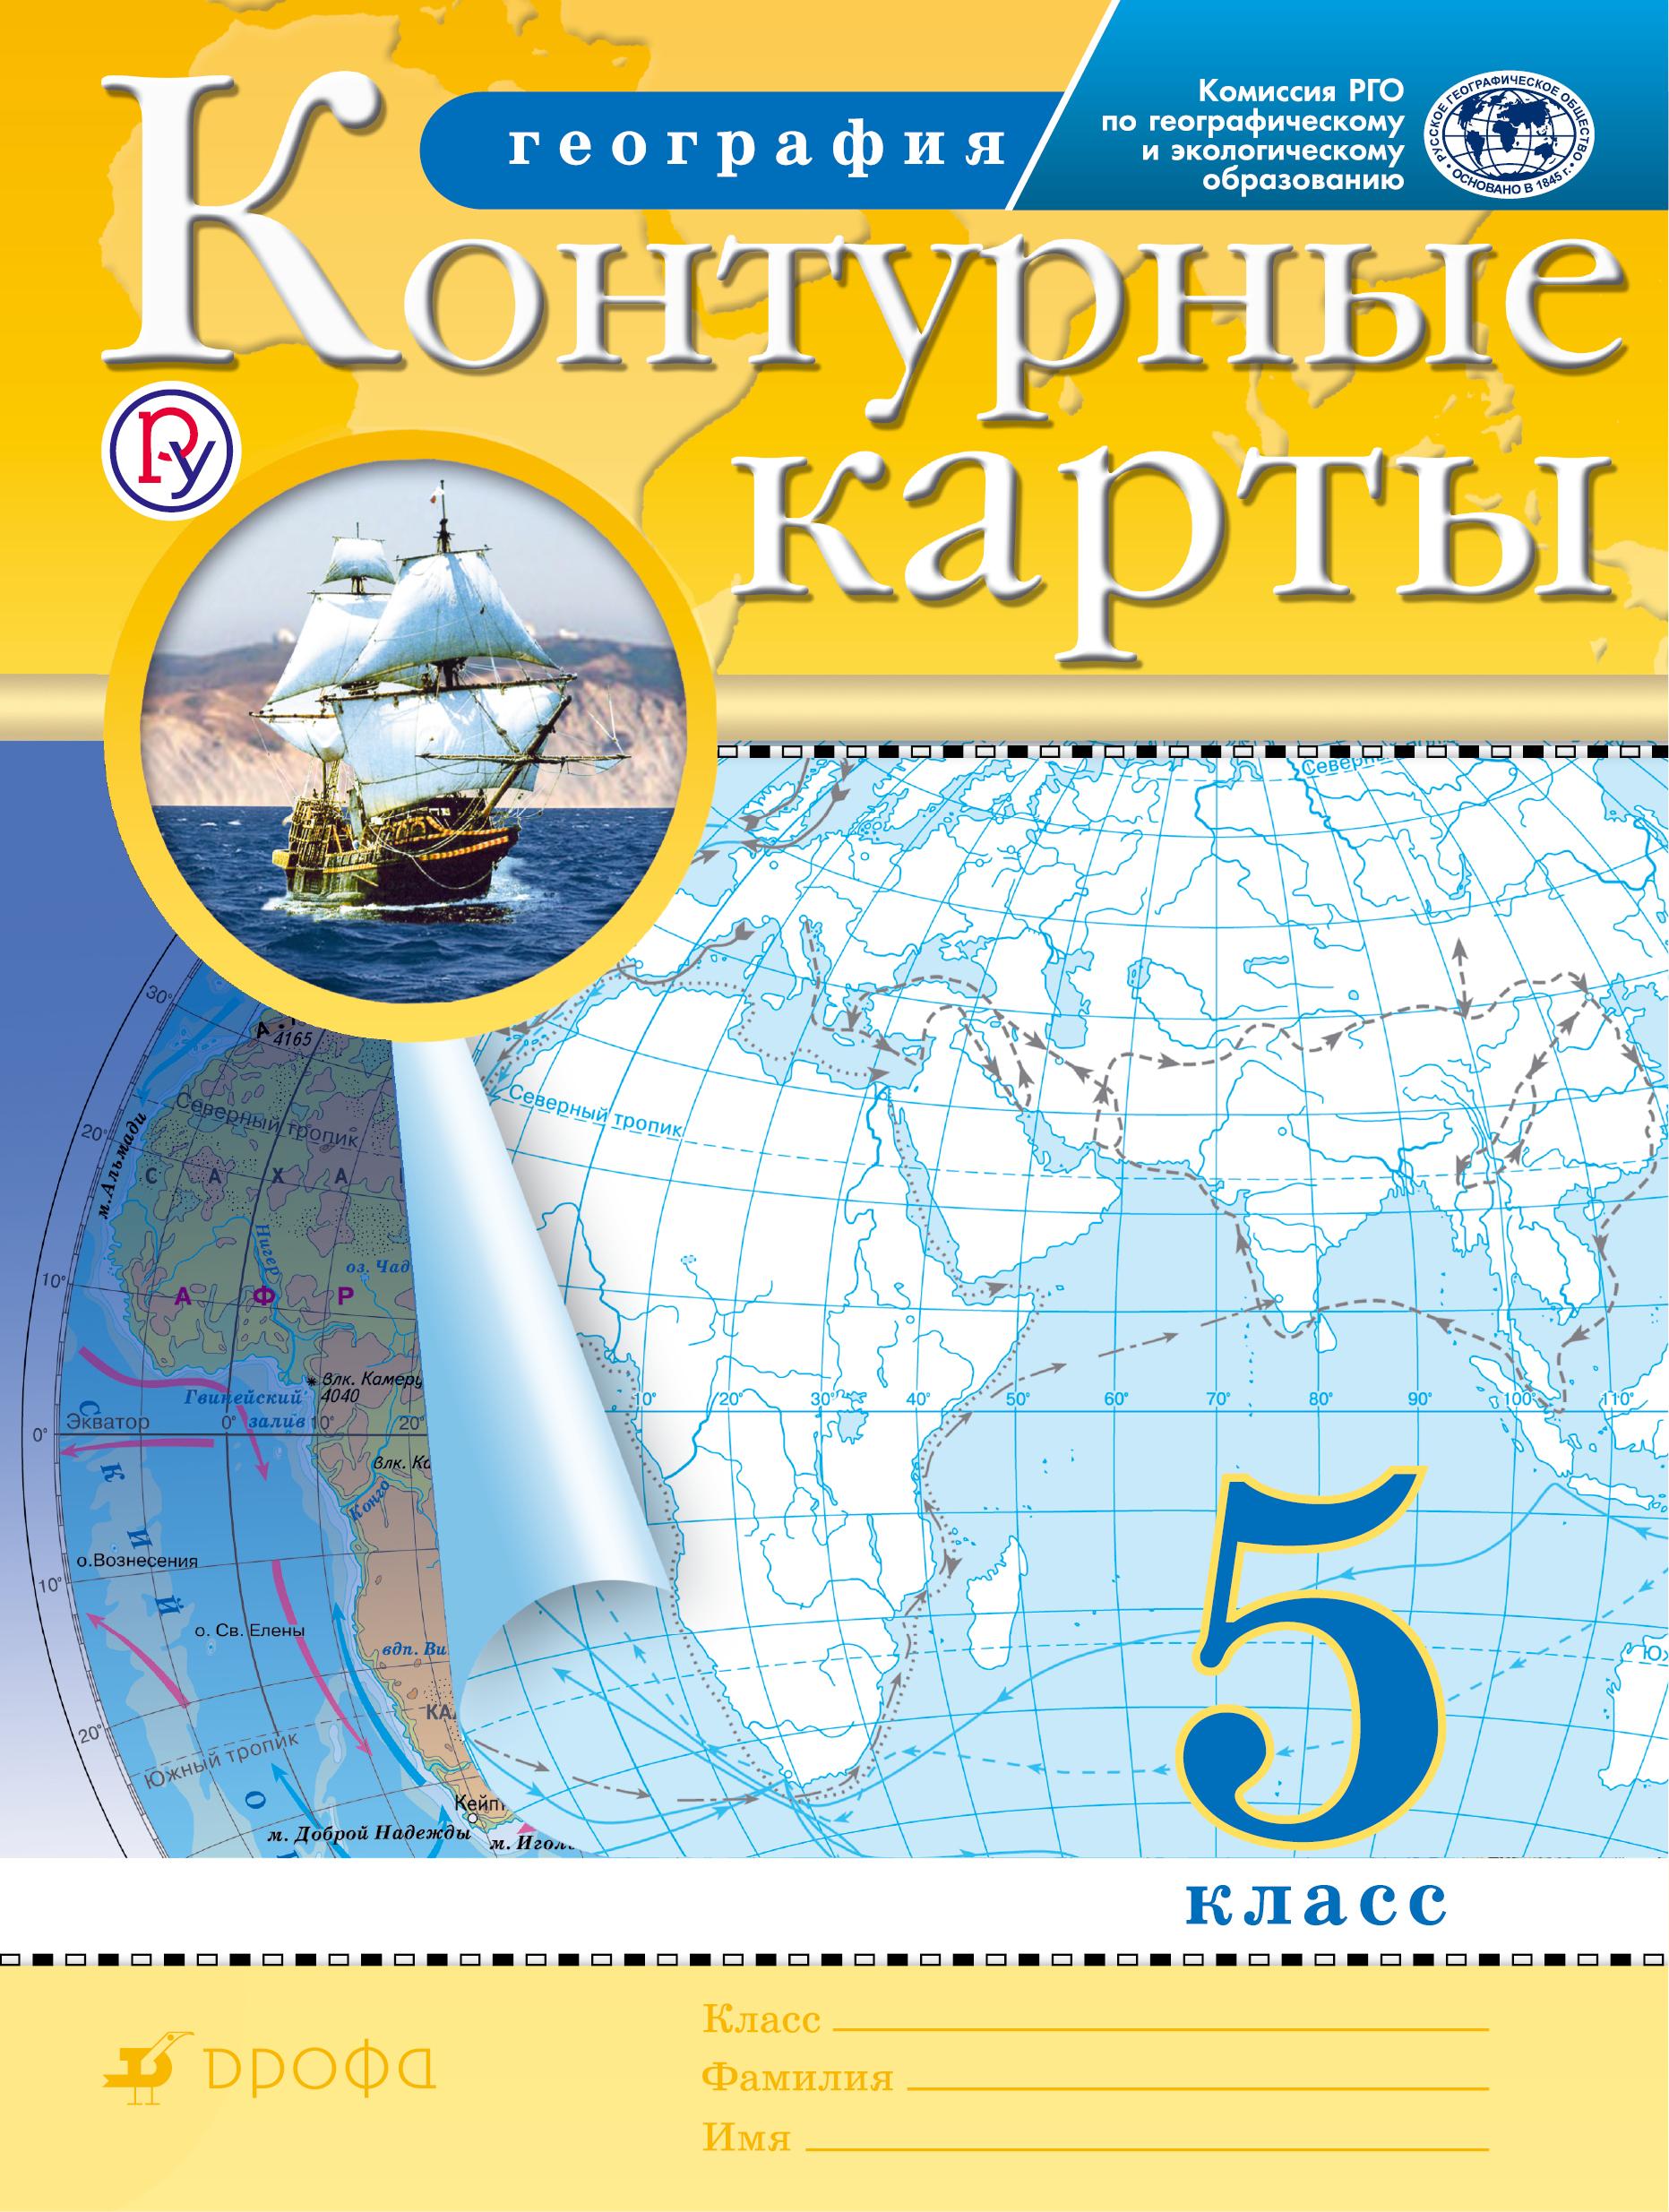 География. 5 класс. Контурные карты. (Традиционный комплект) (РГО) география 10 11 классы атлас традиционный комплект рго